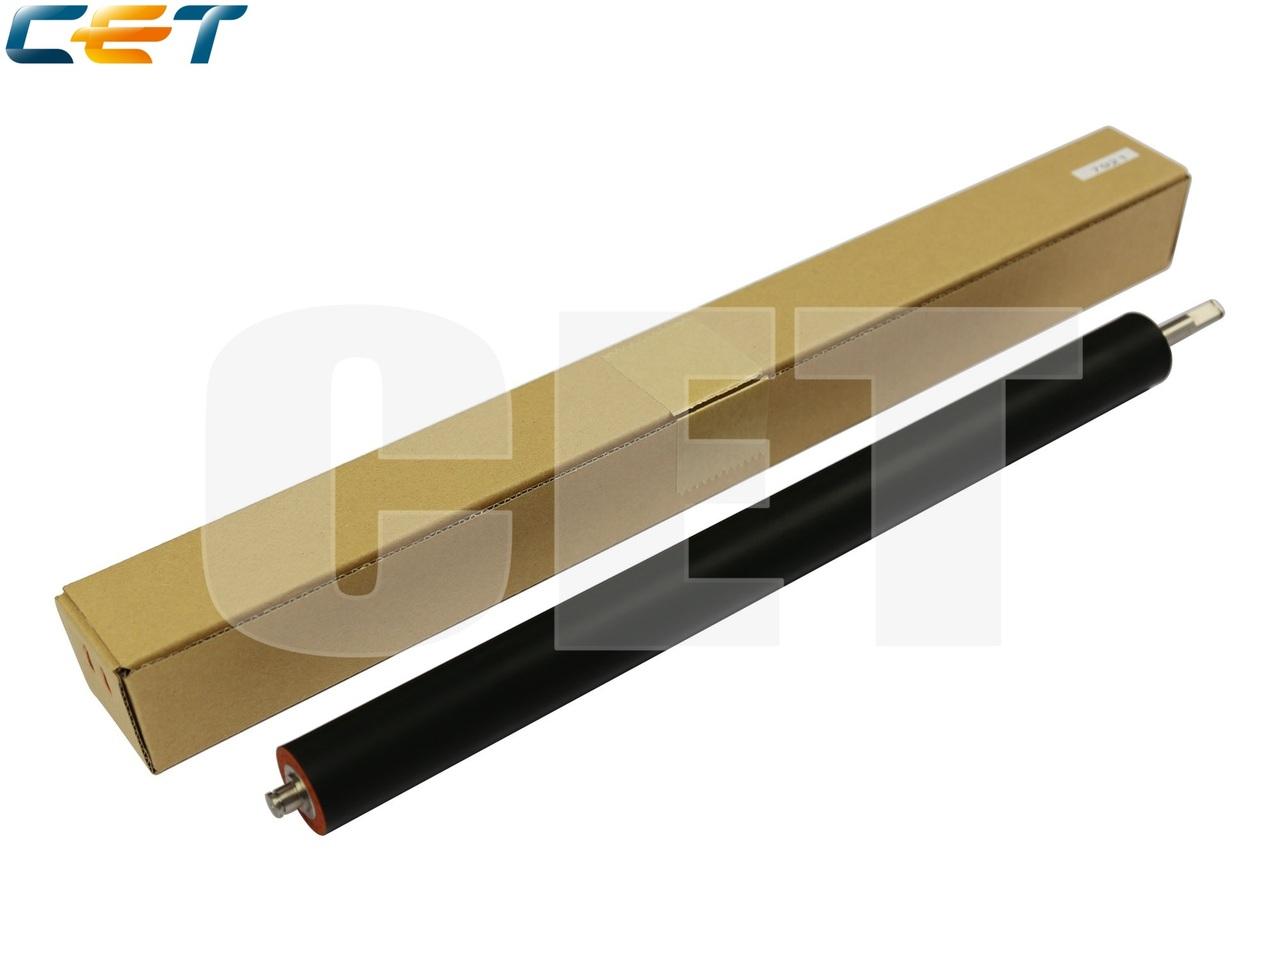 Резиновый вал для XEROX WorkCentre7525/7530/7535/7545/7556/7830/7835/7845/7855 (CET),CET7921